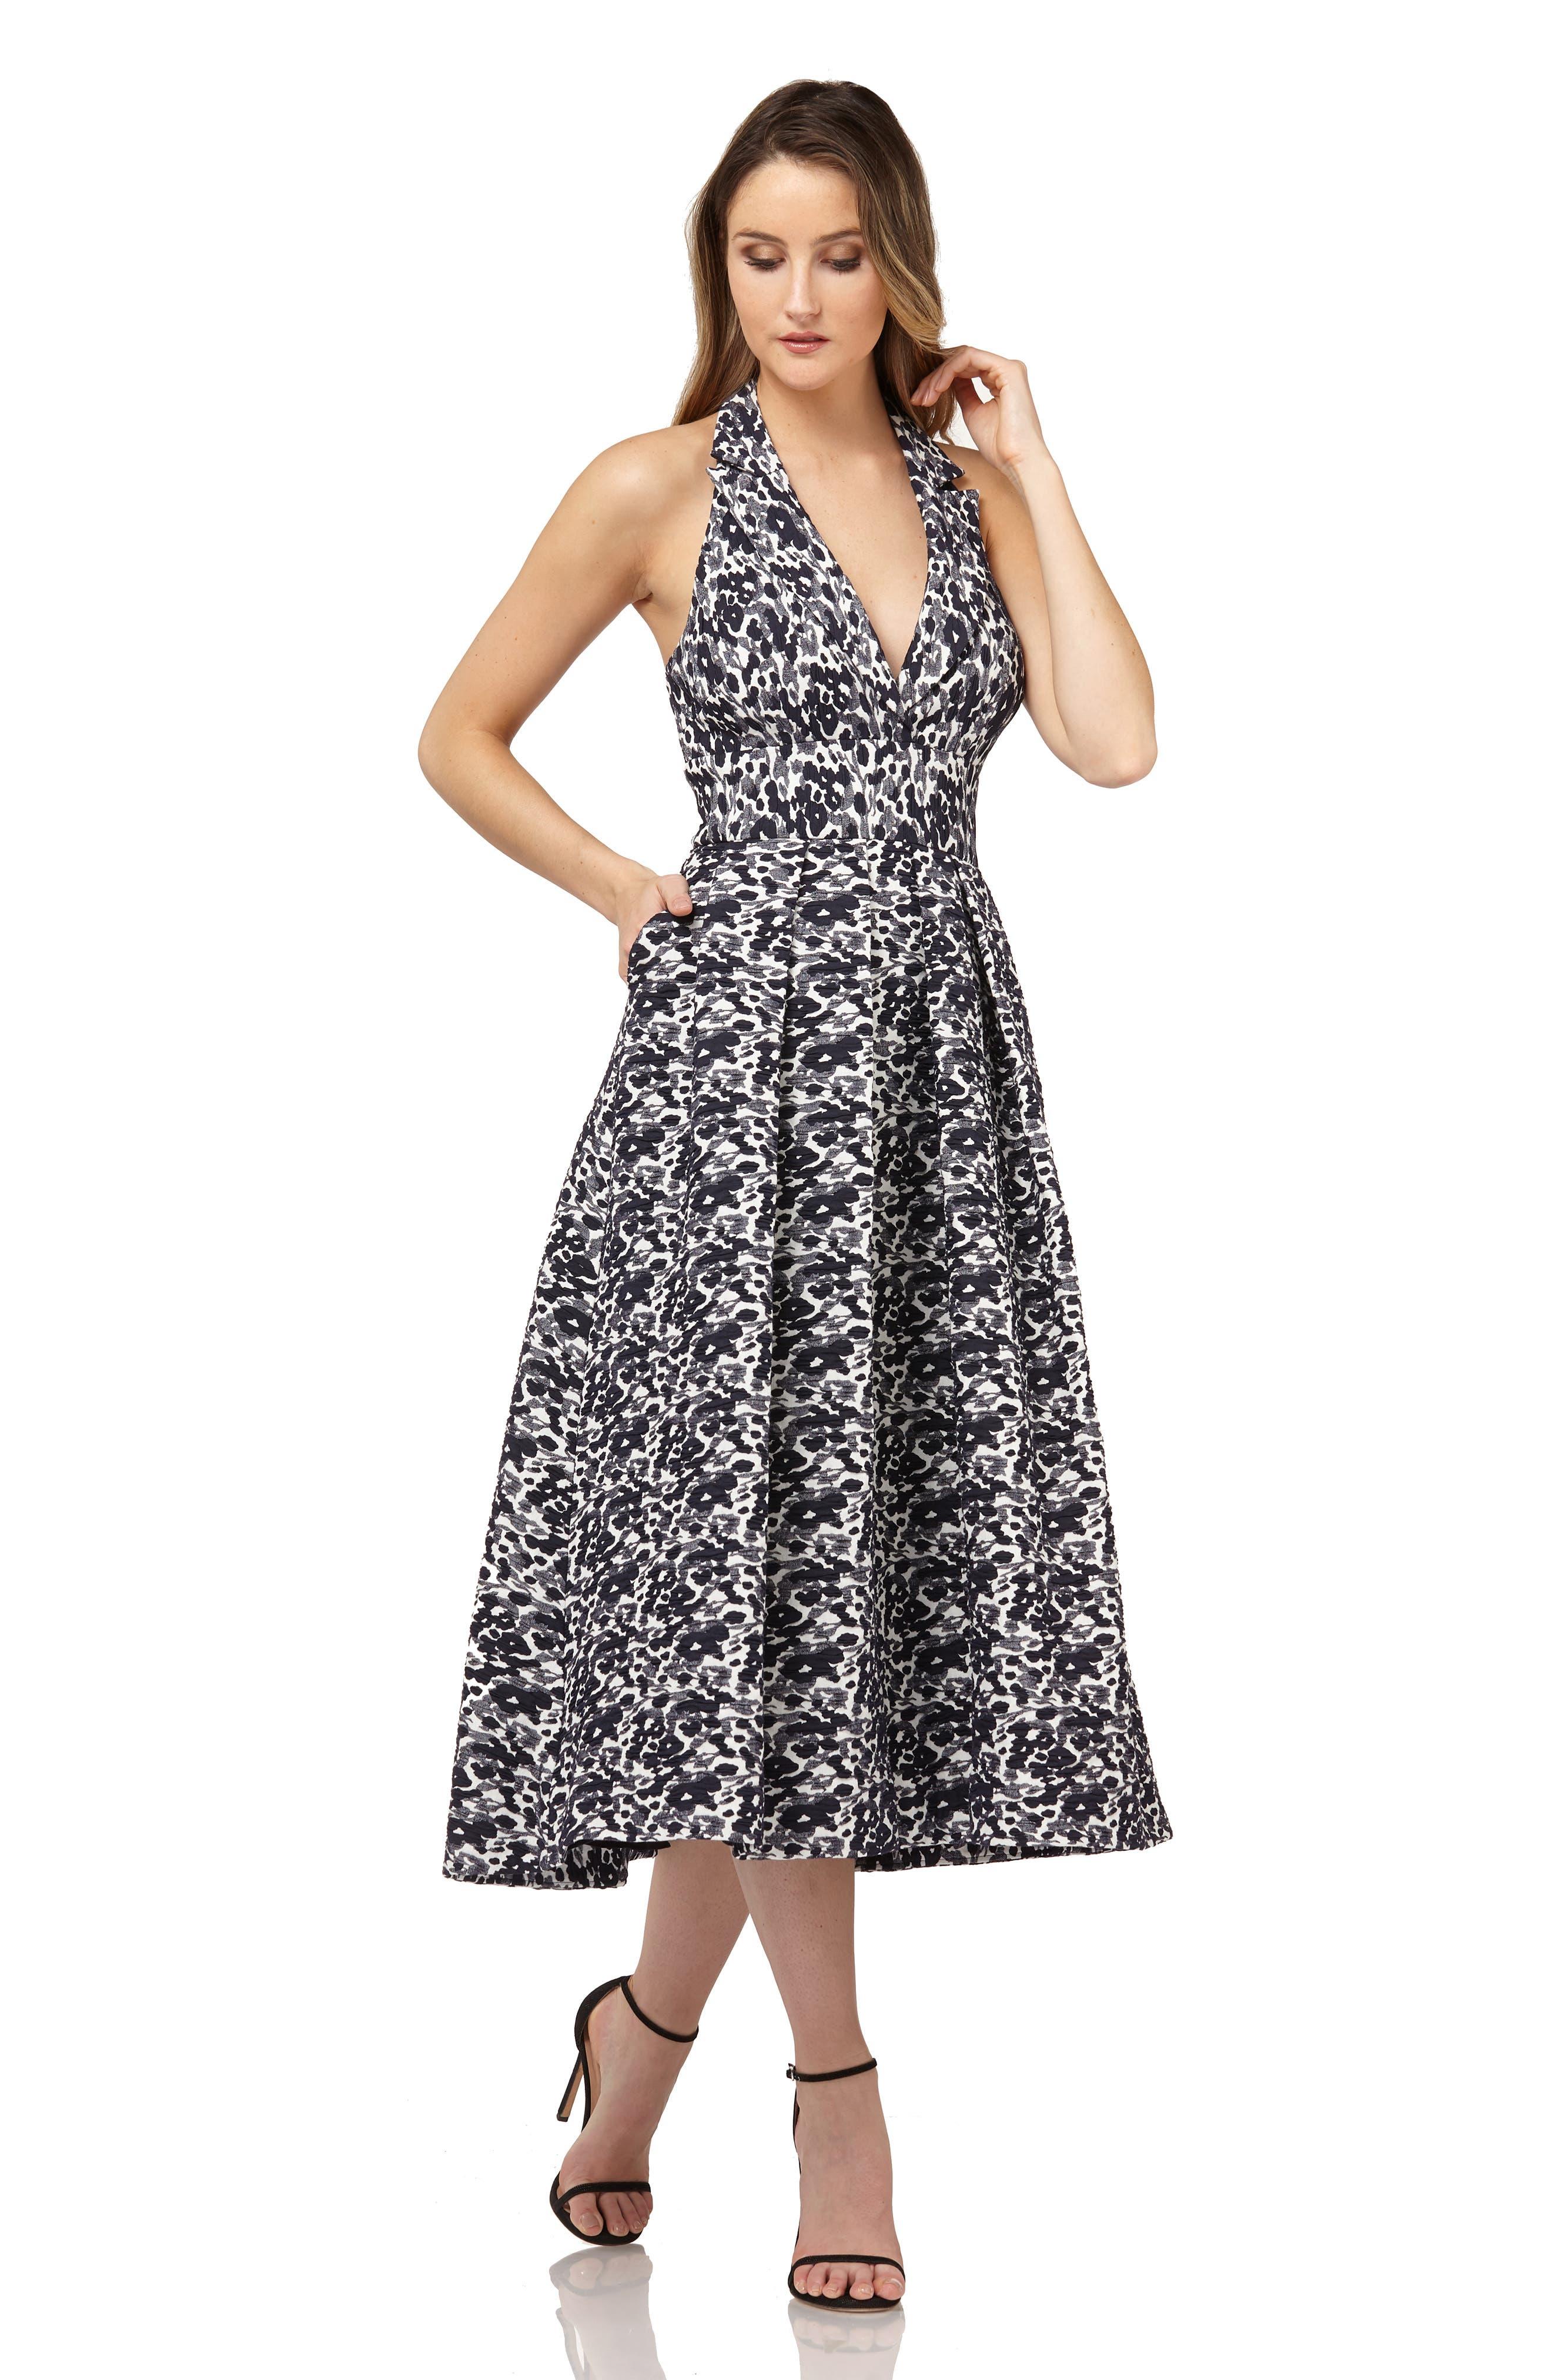 Halter Tea Length Dress,                             Alternate thumbnail 4, color,                             NAVY MULTI